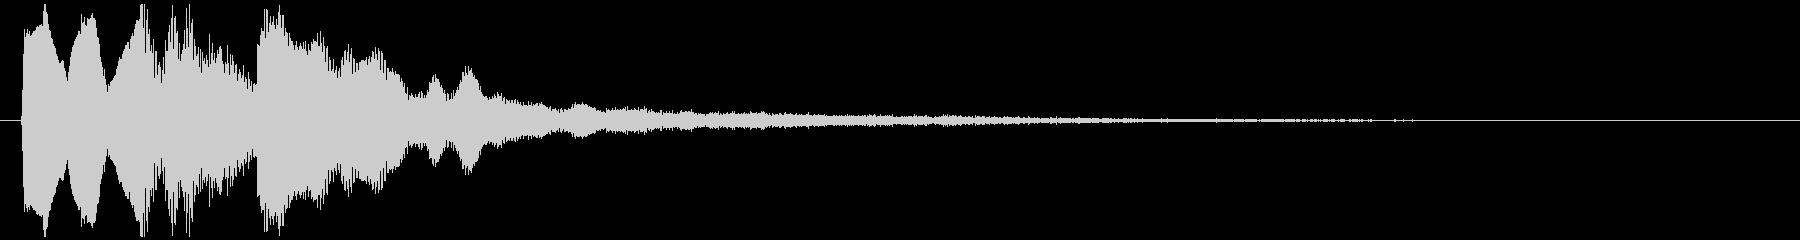 起動音 シンプル クール システムオン1の未再生の波形